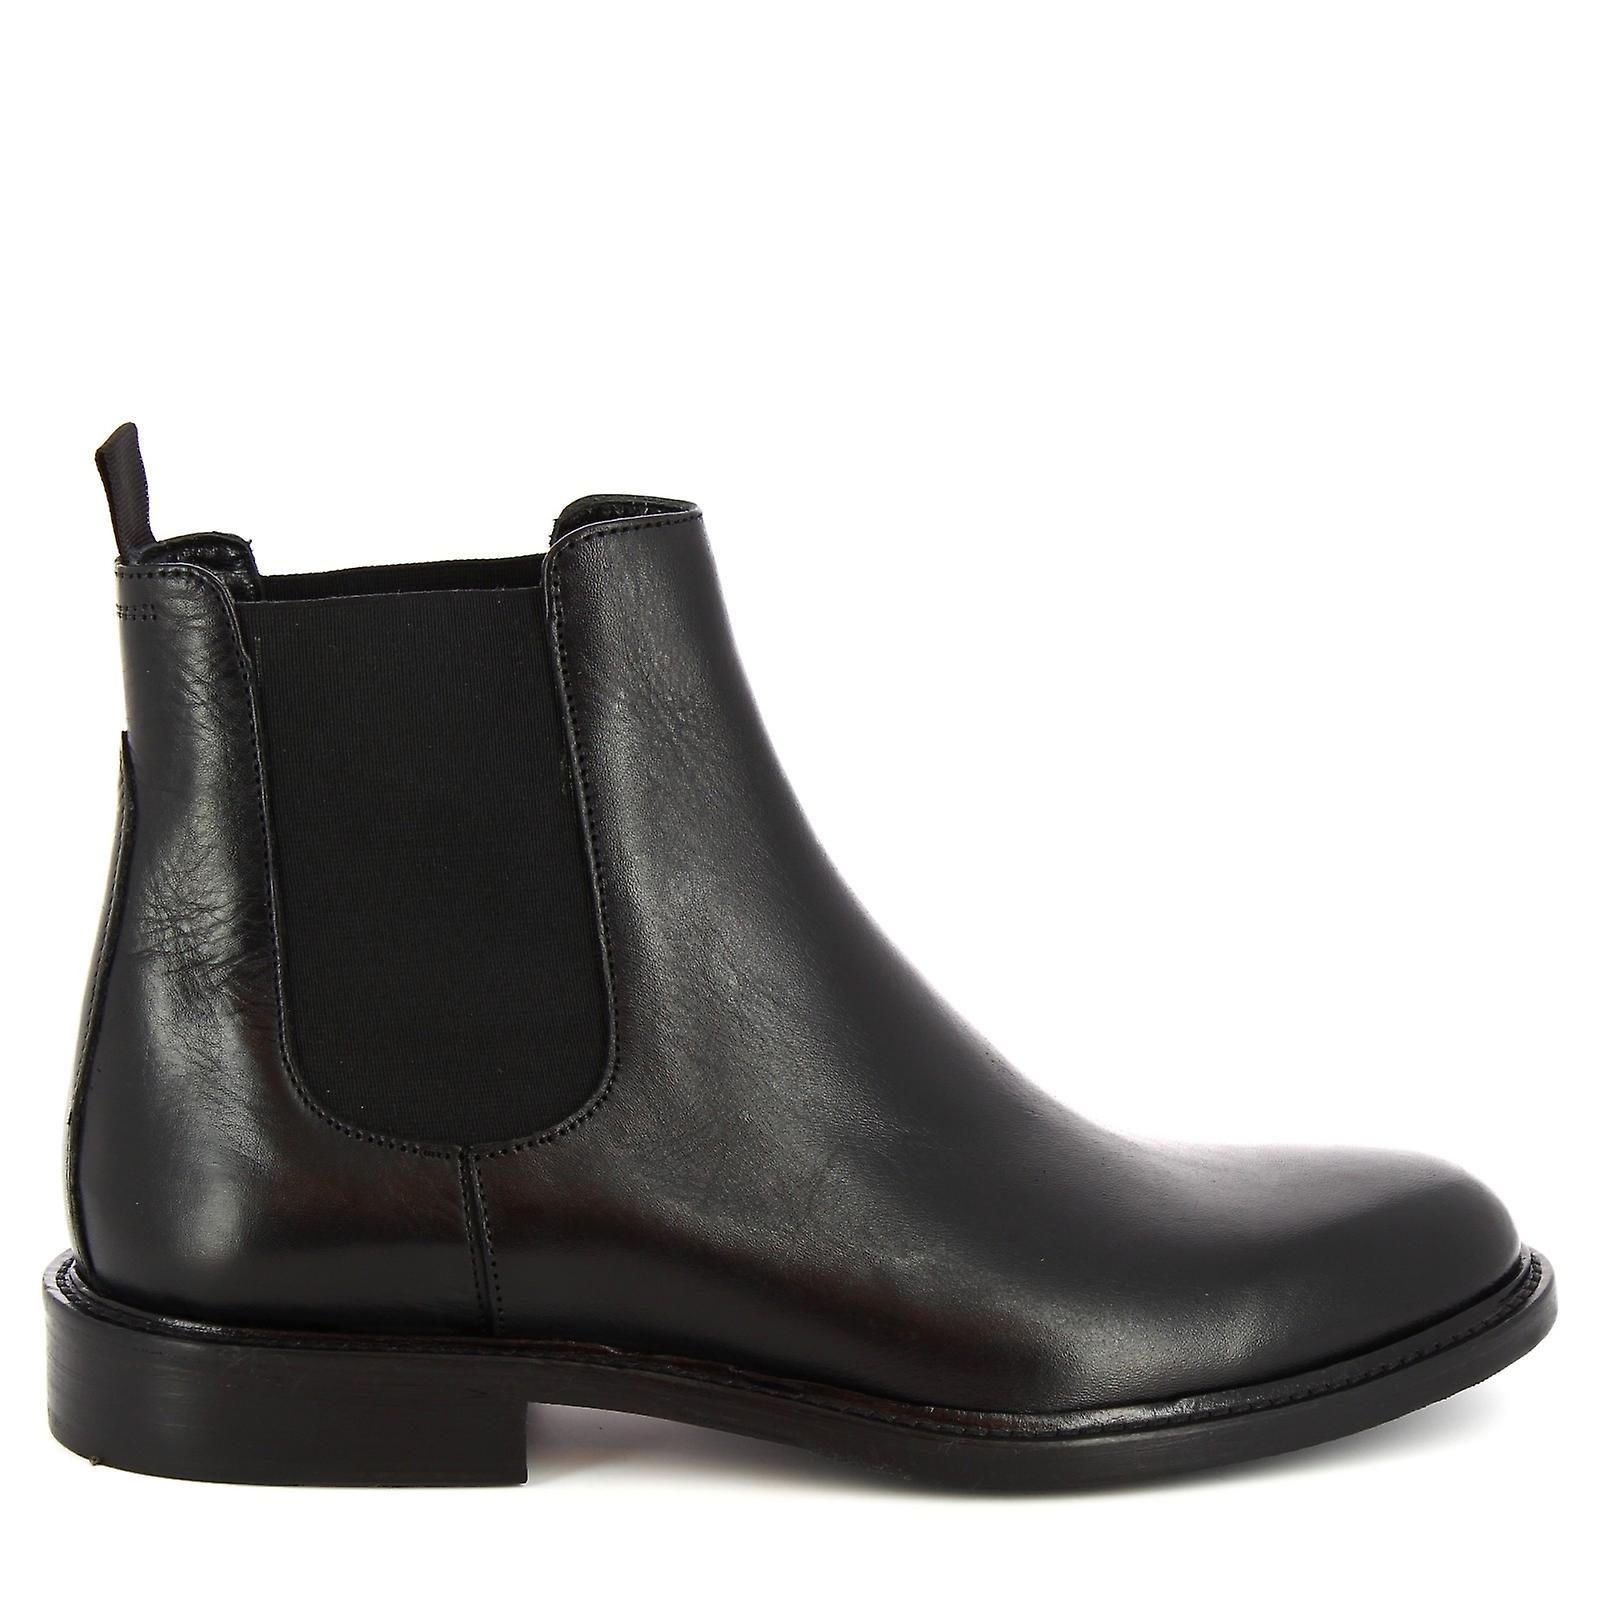 Leonardo Shoes Men-apos;s Bottes De Cheville Élégantes Faites À La Main En Cuir Veau Noir